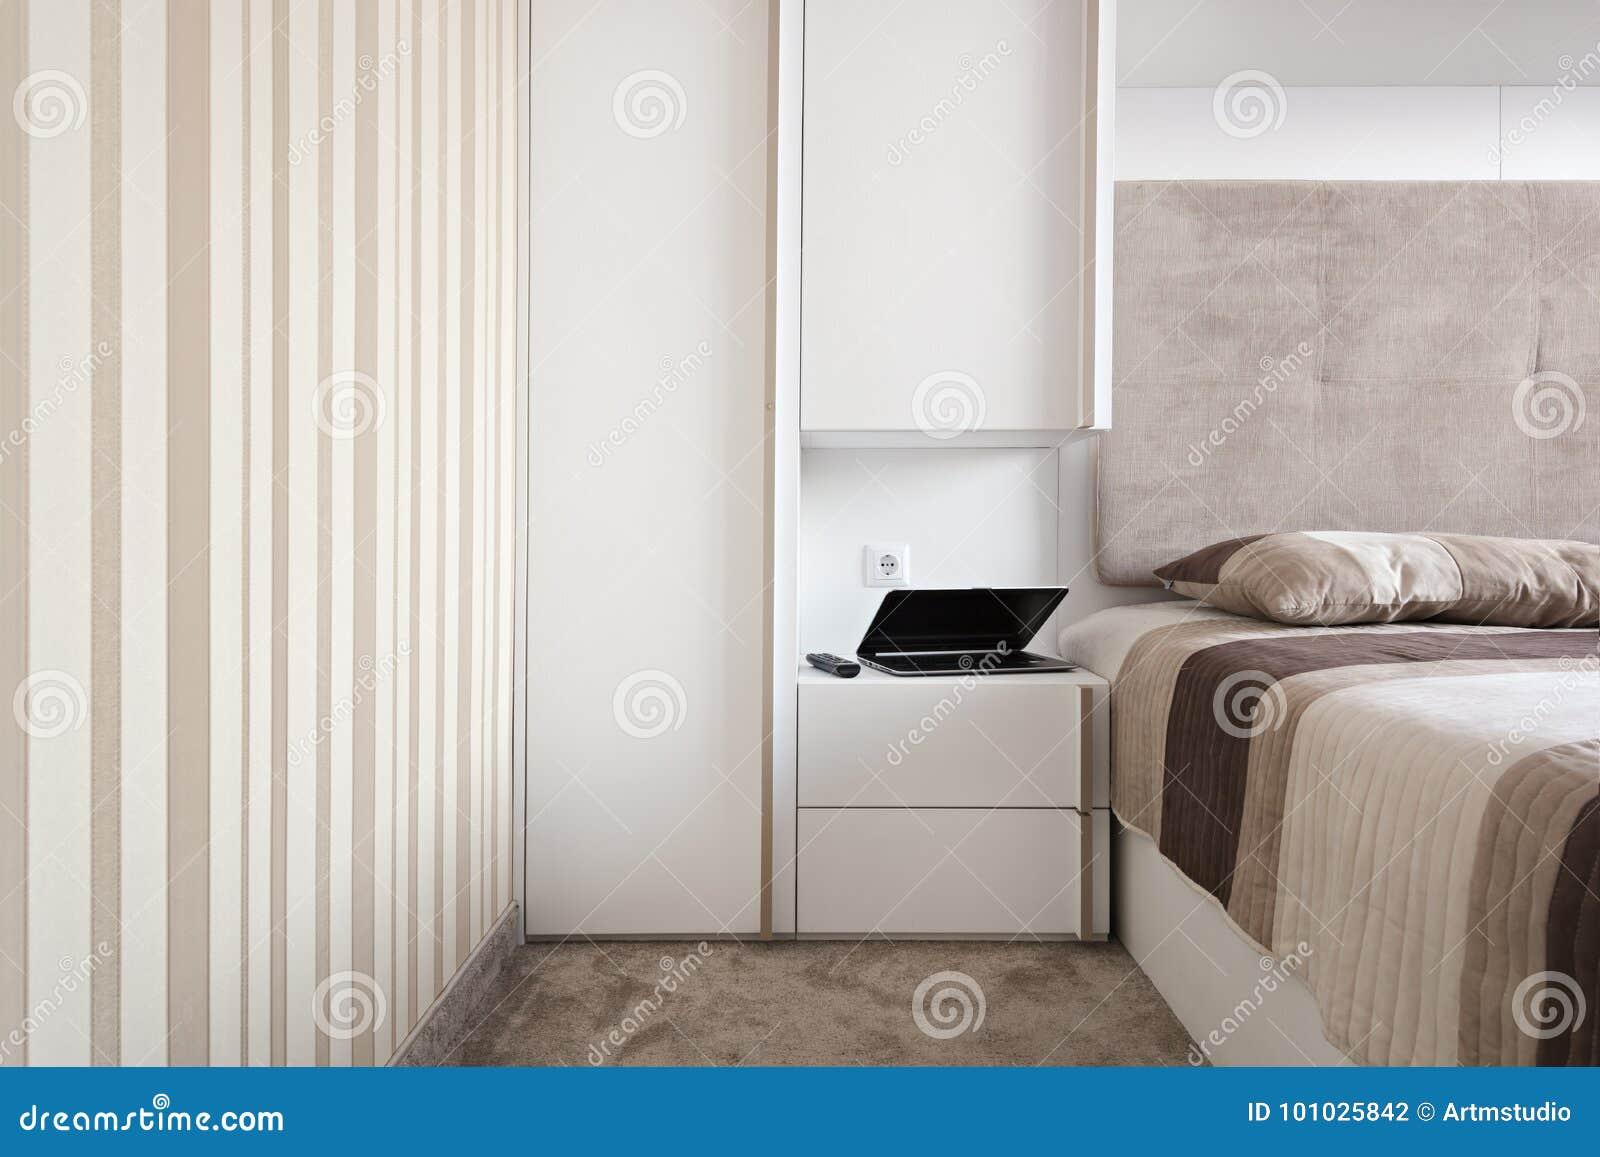 Camera Da Letto Bianca : Camera da letto mod margherita saracino arreda